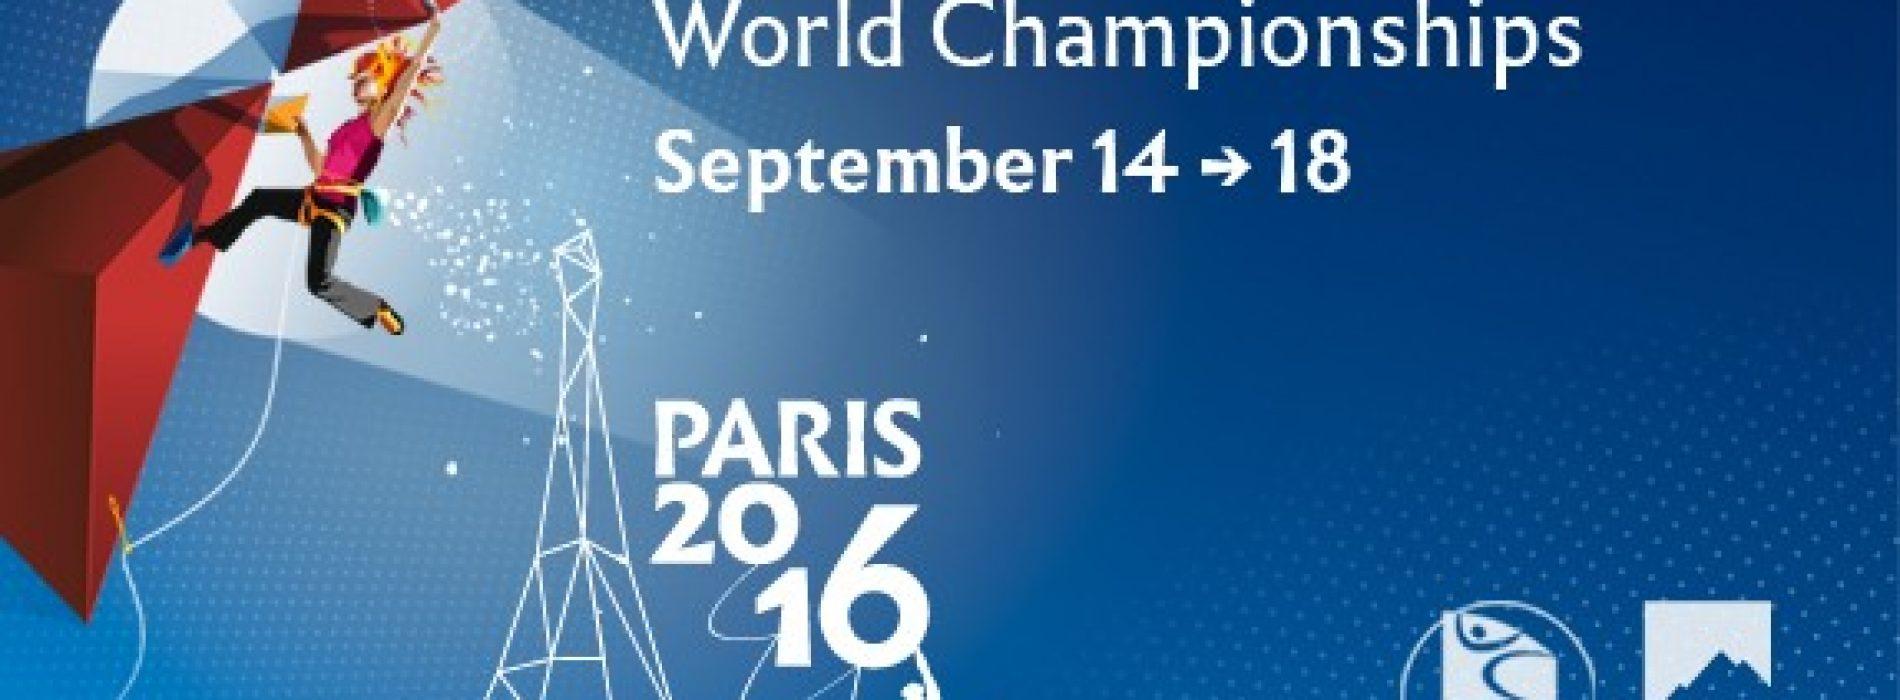 تحلیل روز اول مسابقات سنگنوردی قهرمانی جهان رشته سرعت